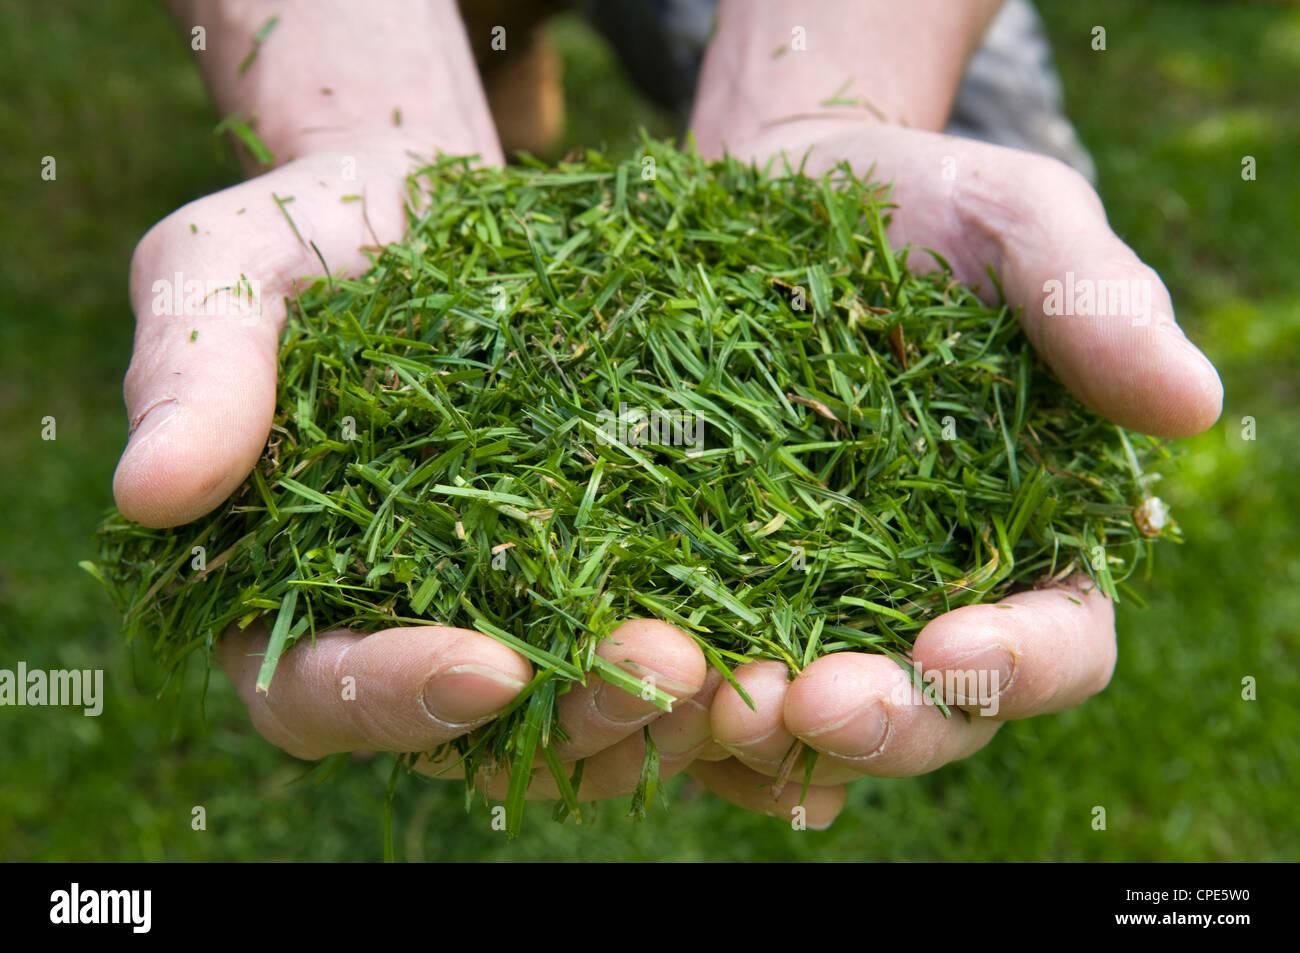 Cerca de caucásico mans manos sosteniendo recortes de hierba recién cortada Imagen De Stock